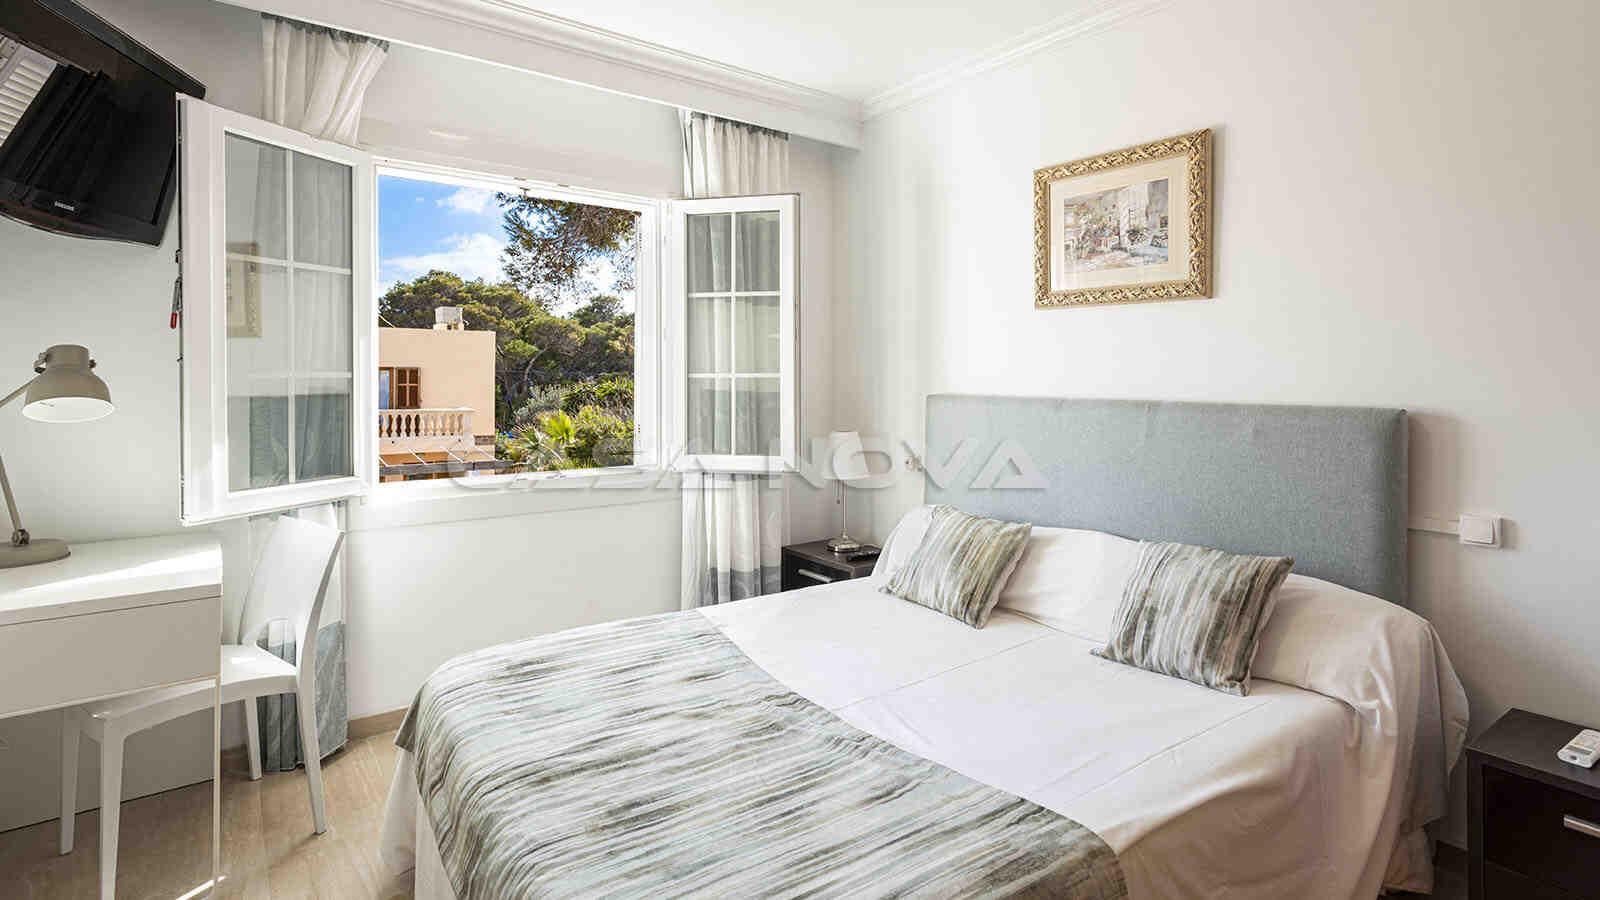 Weiteres Doppelschlafzimmer mit ruhigem Ausblick